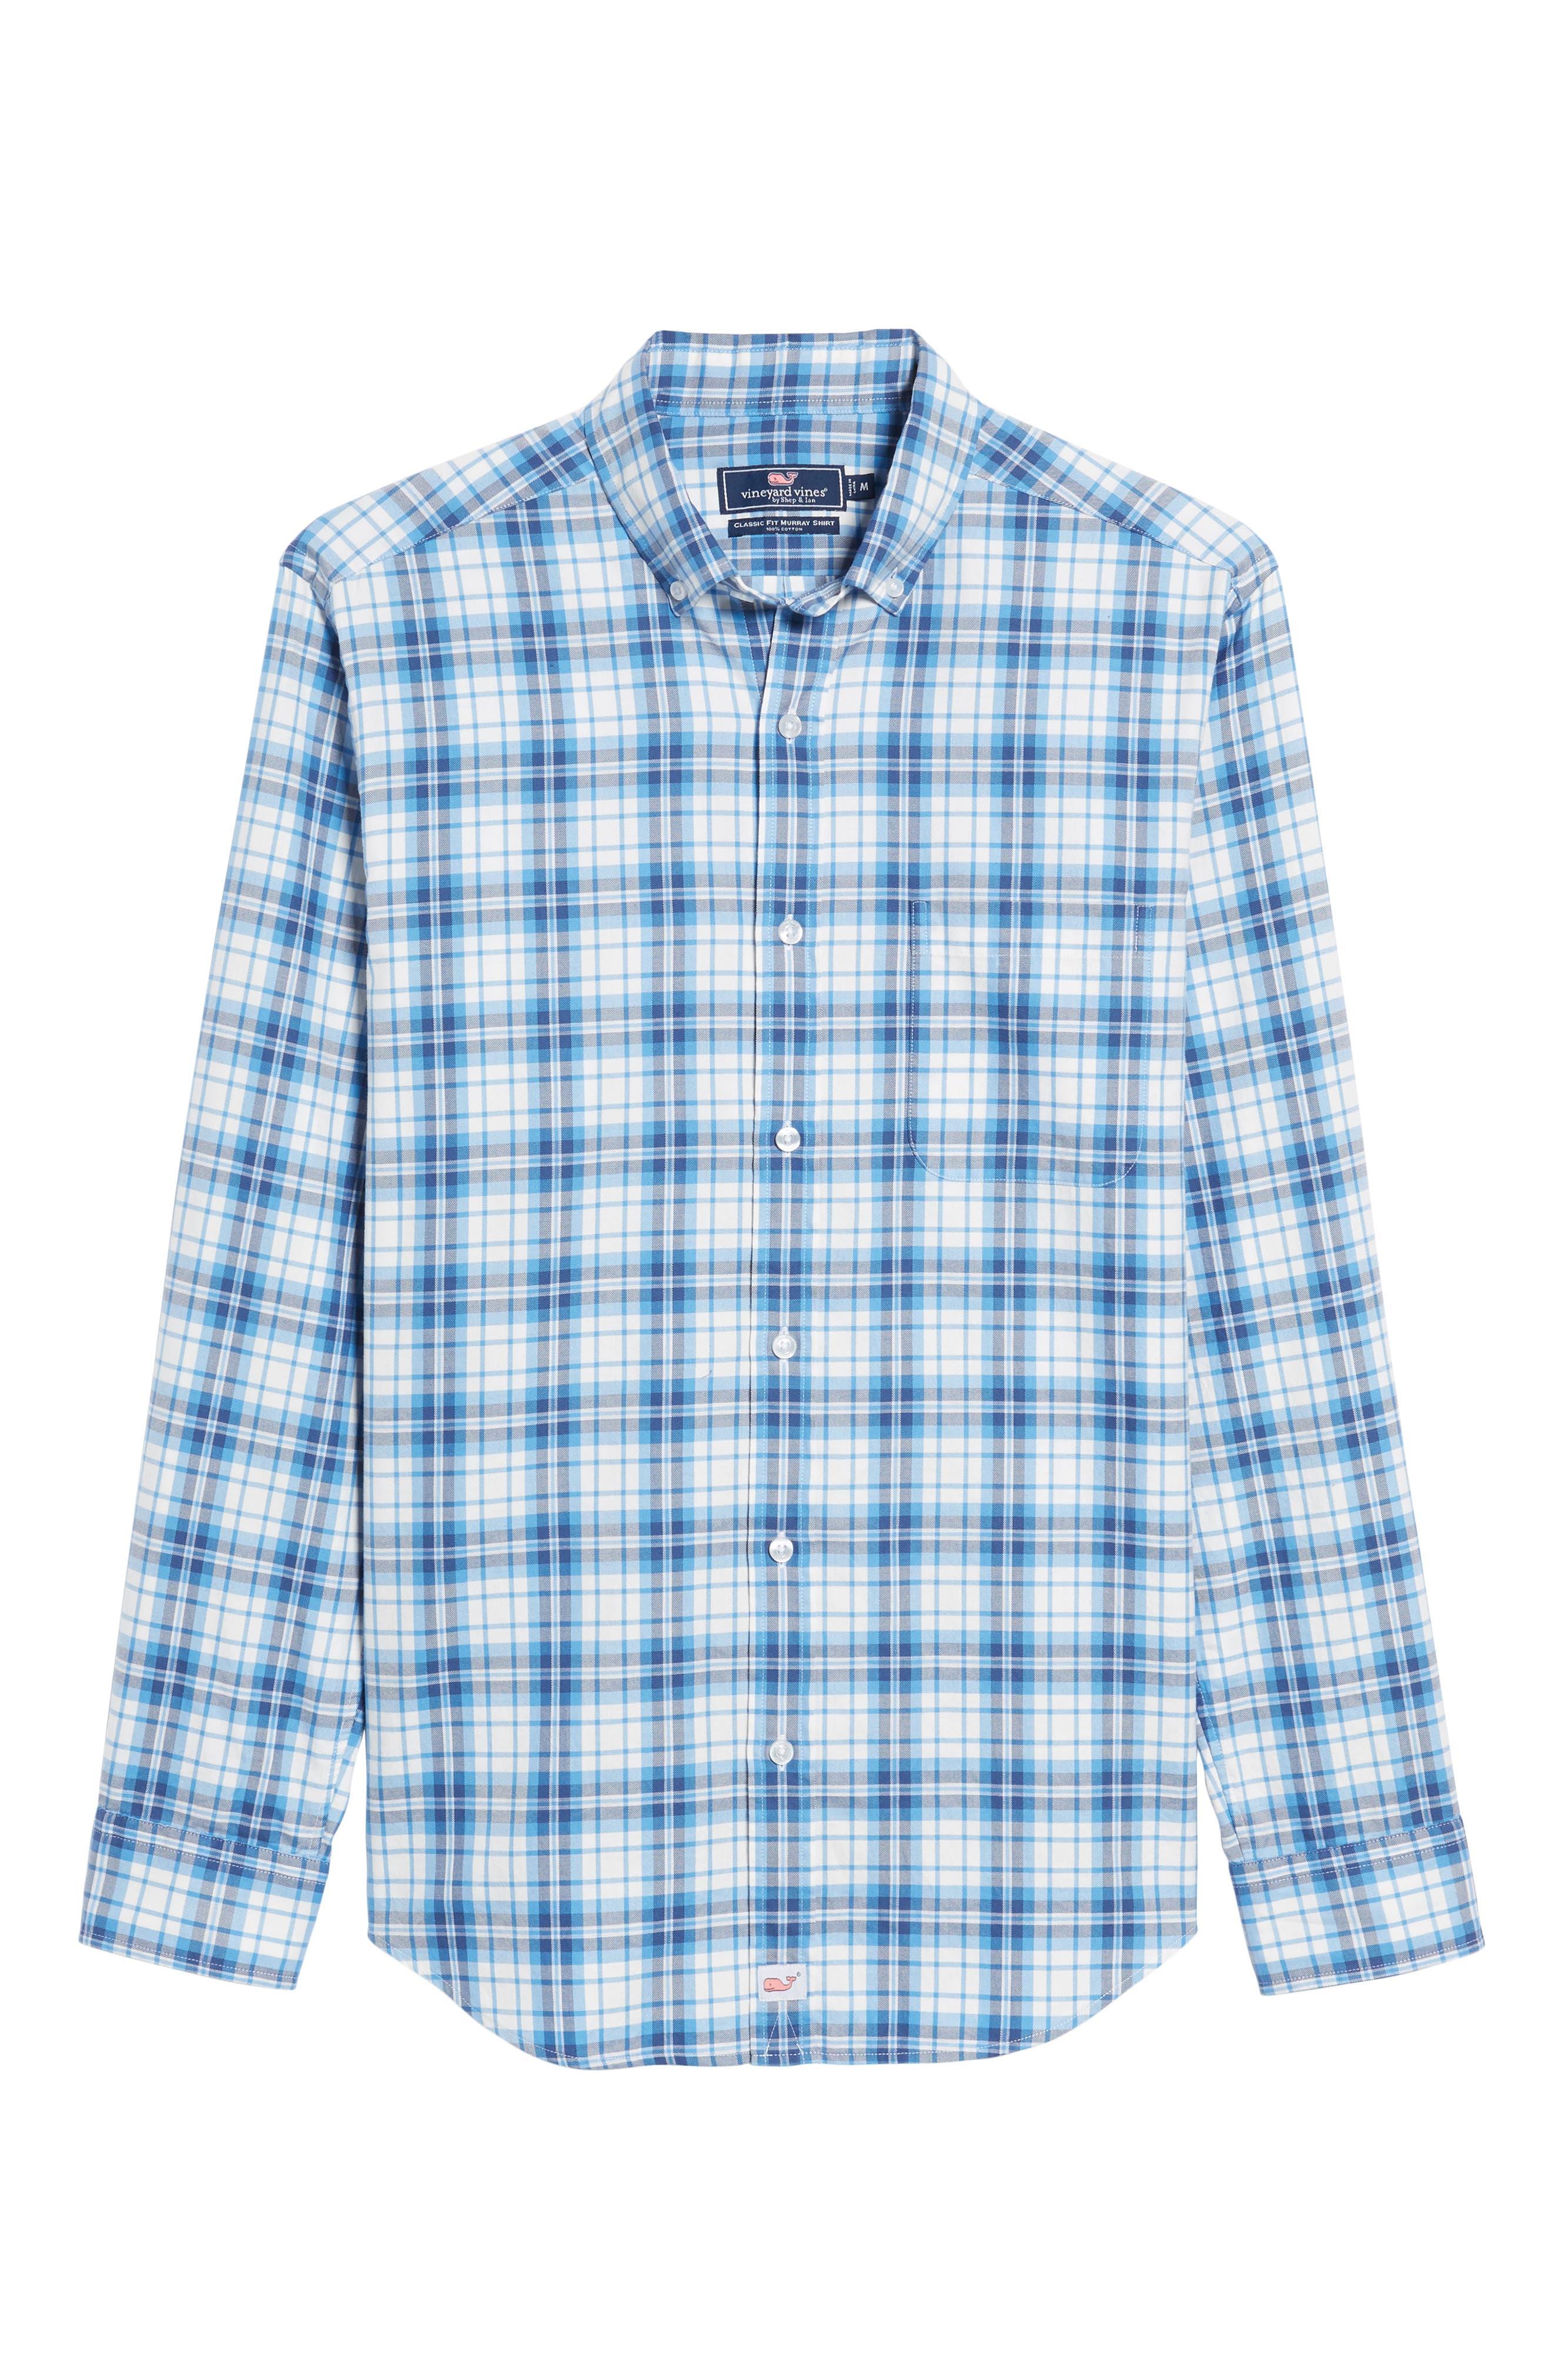 Shore Town Classic Fit Plaid Sport Shirt,                             Alternate thumbnail 6, color,